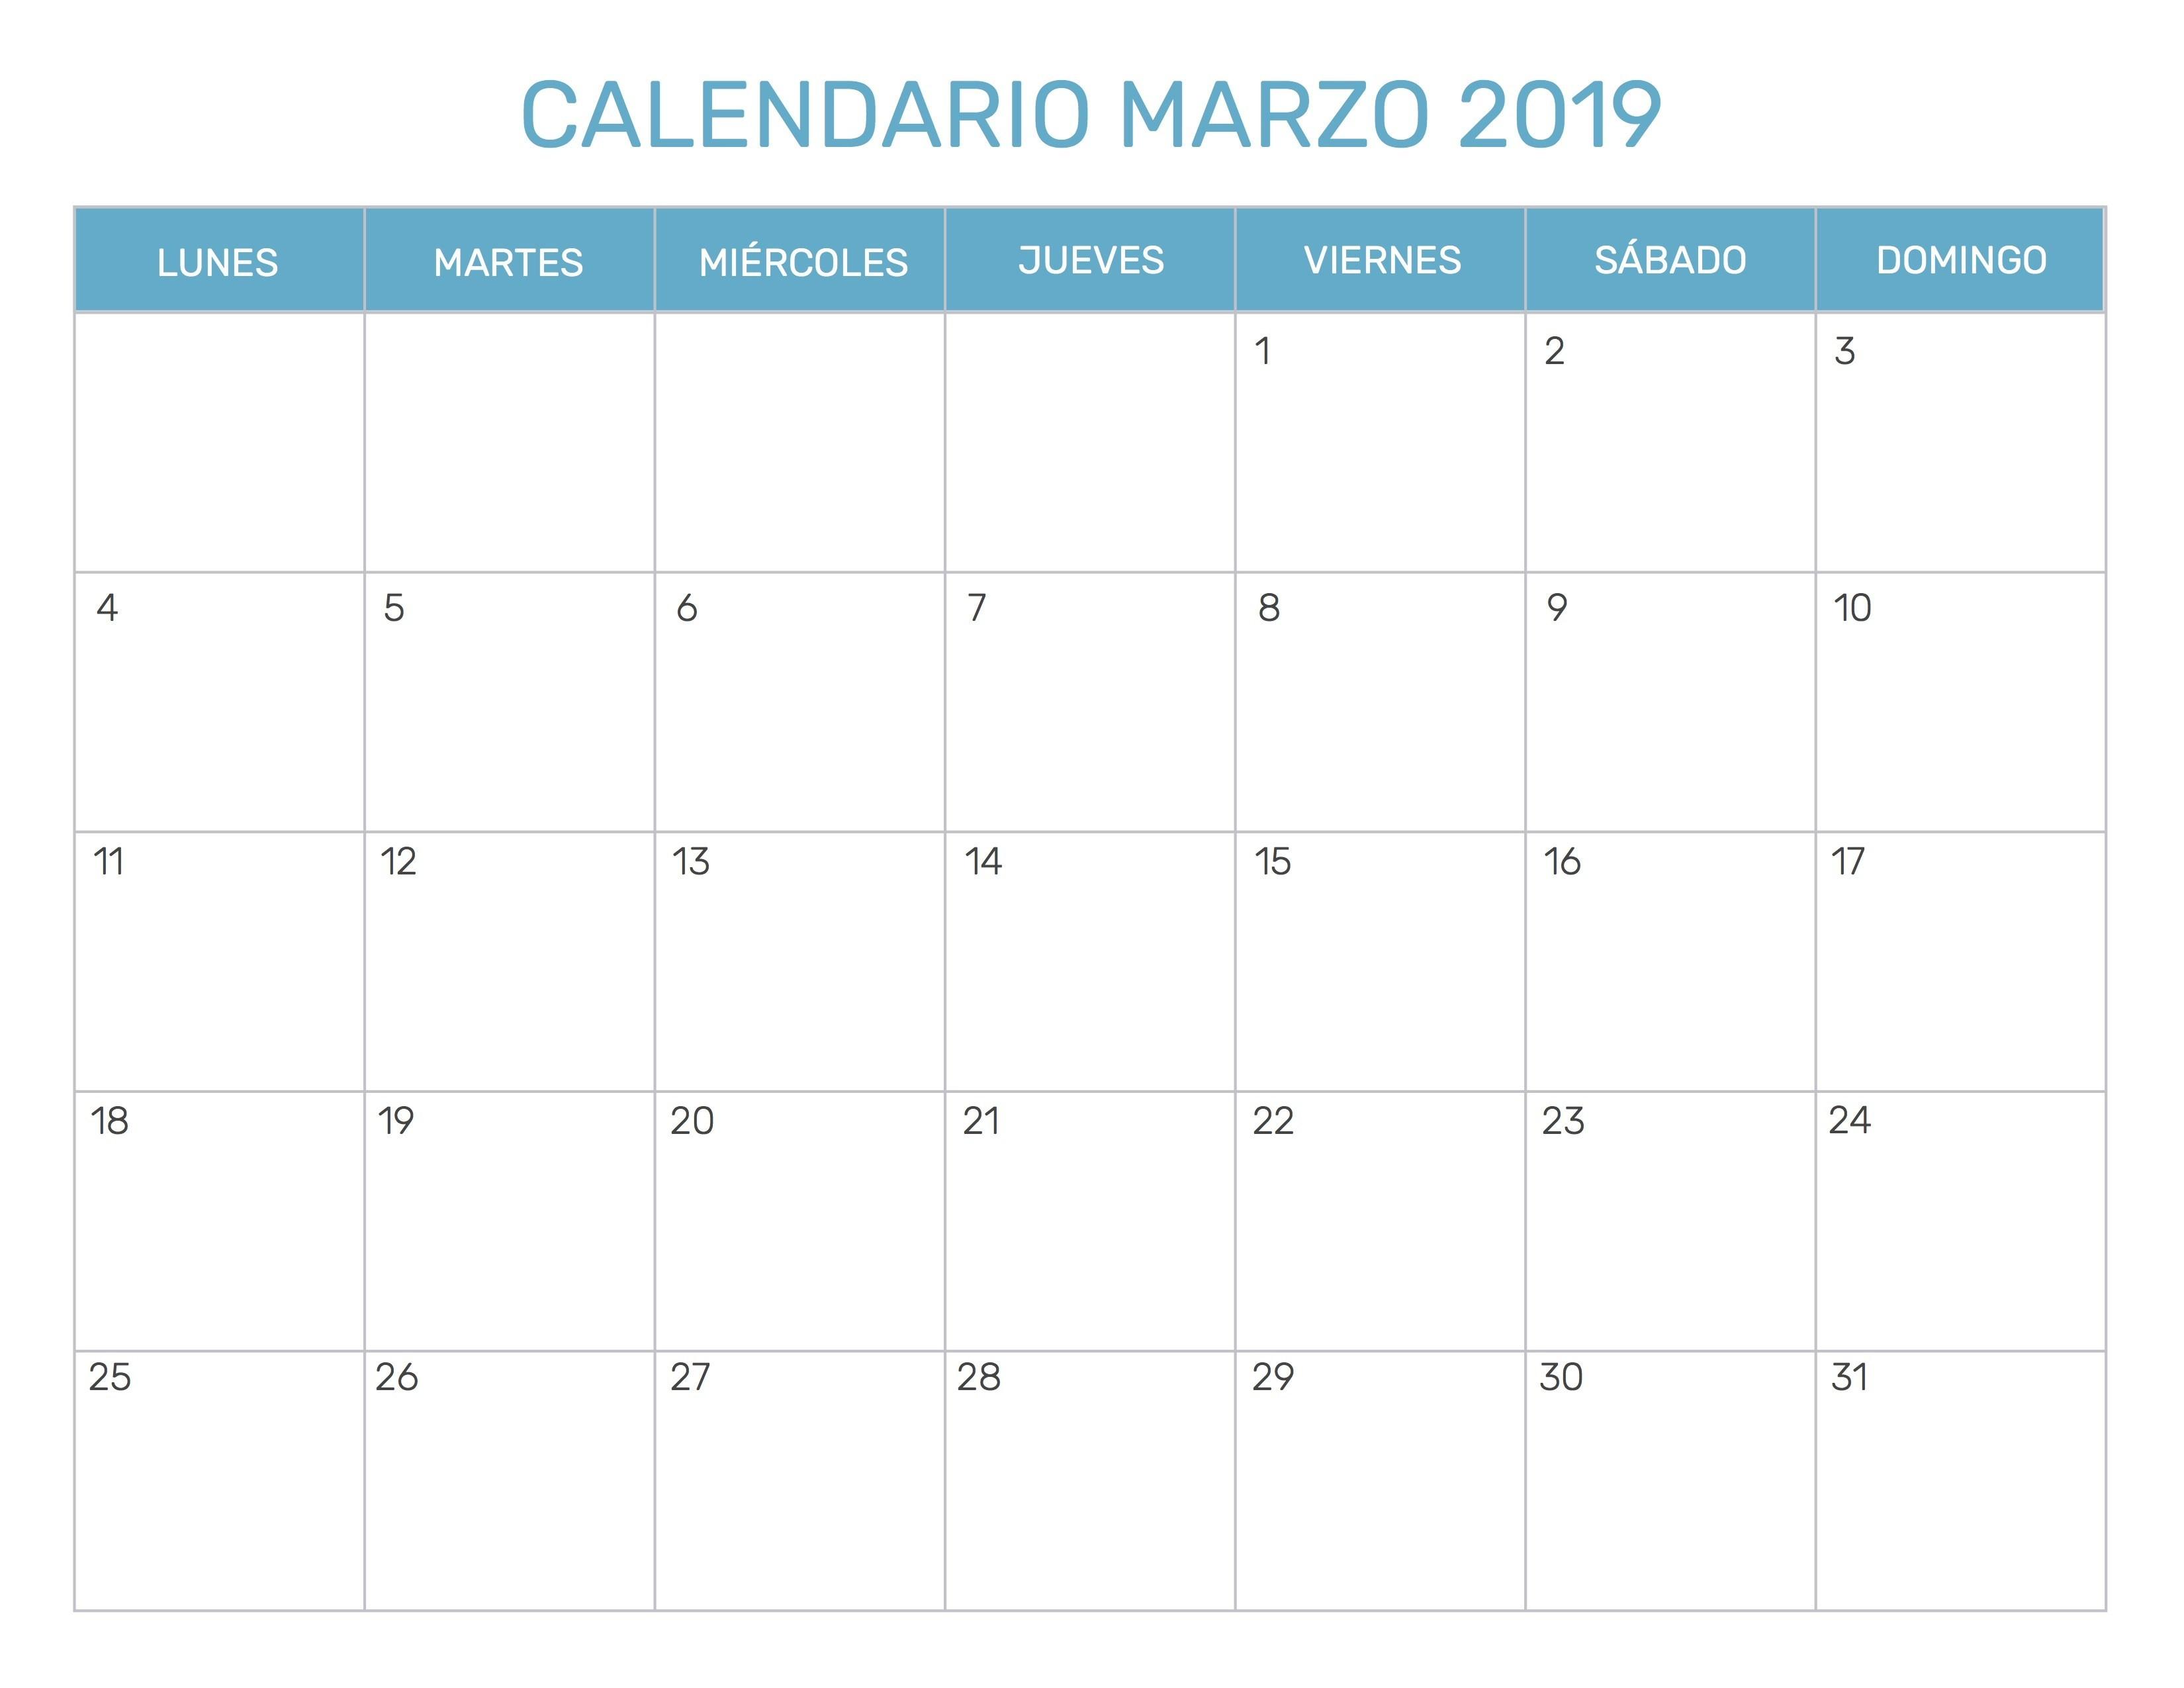 Calendarios Para Calendario Del 2015 De La Spanish Calendar 2019